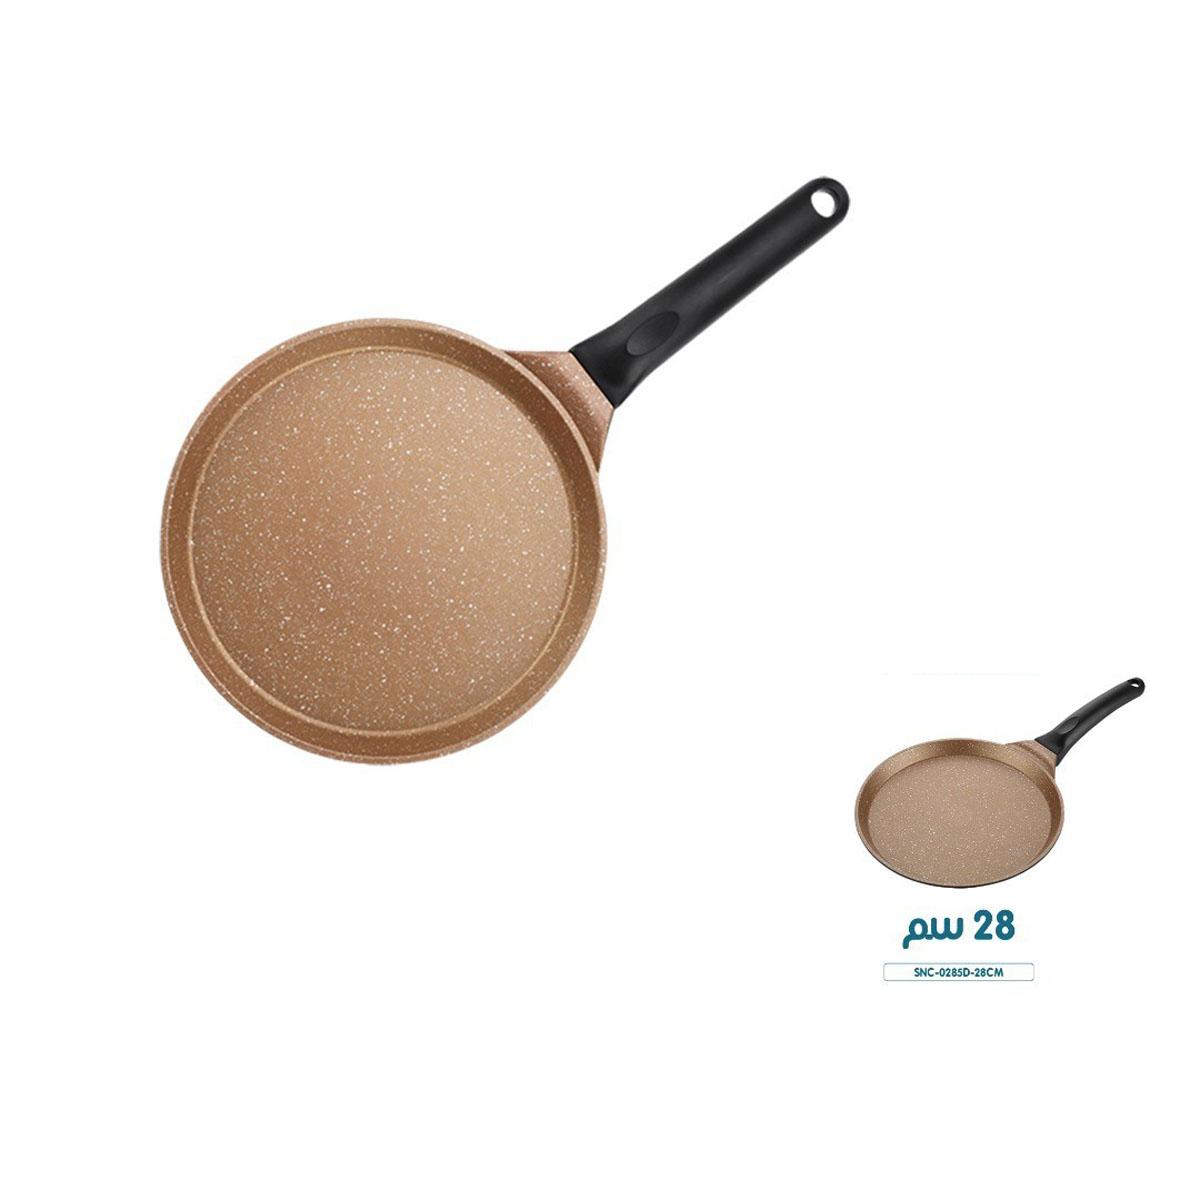 مقلاة طبخ مزدوجة دائرية بني بطبقة سيراميك داخلية غير قابلة للالتصاق مع مقبض اسود 32 × 4.3 سم